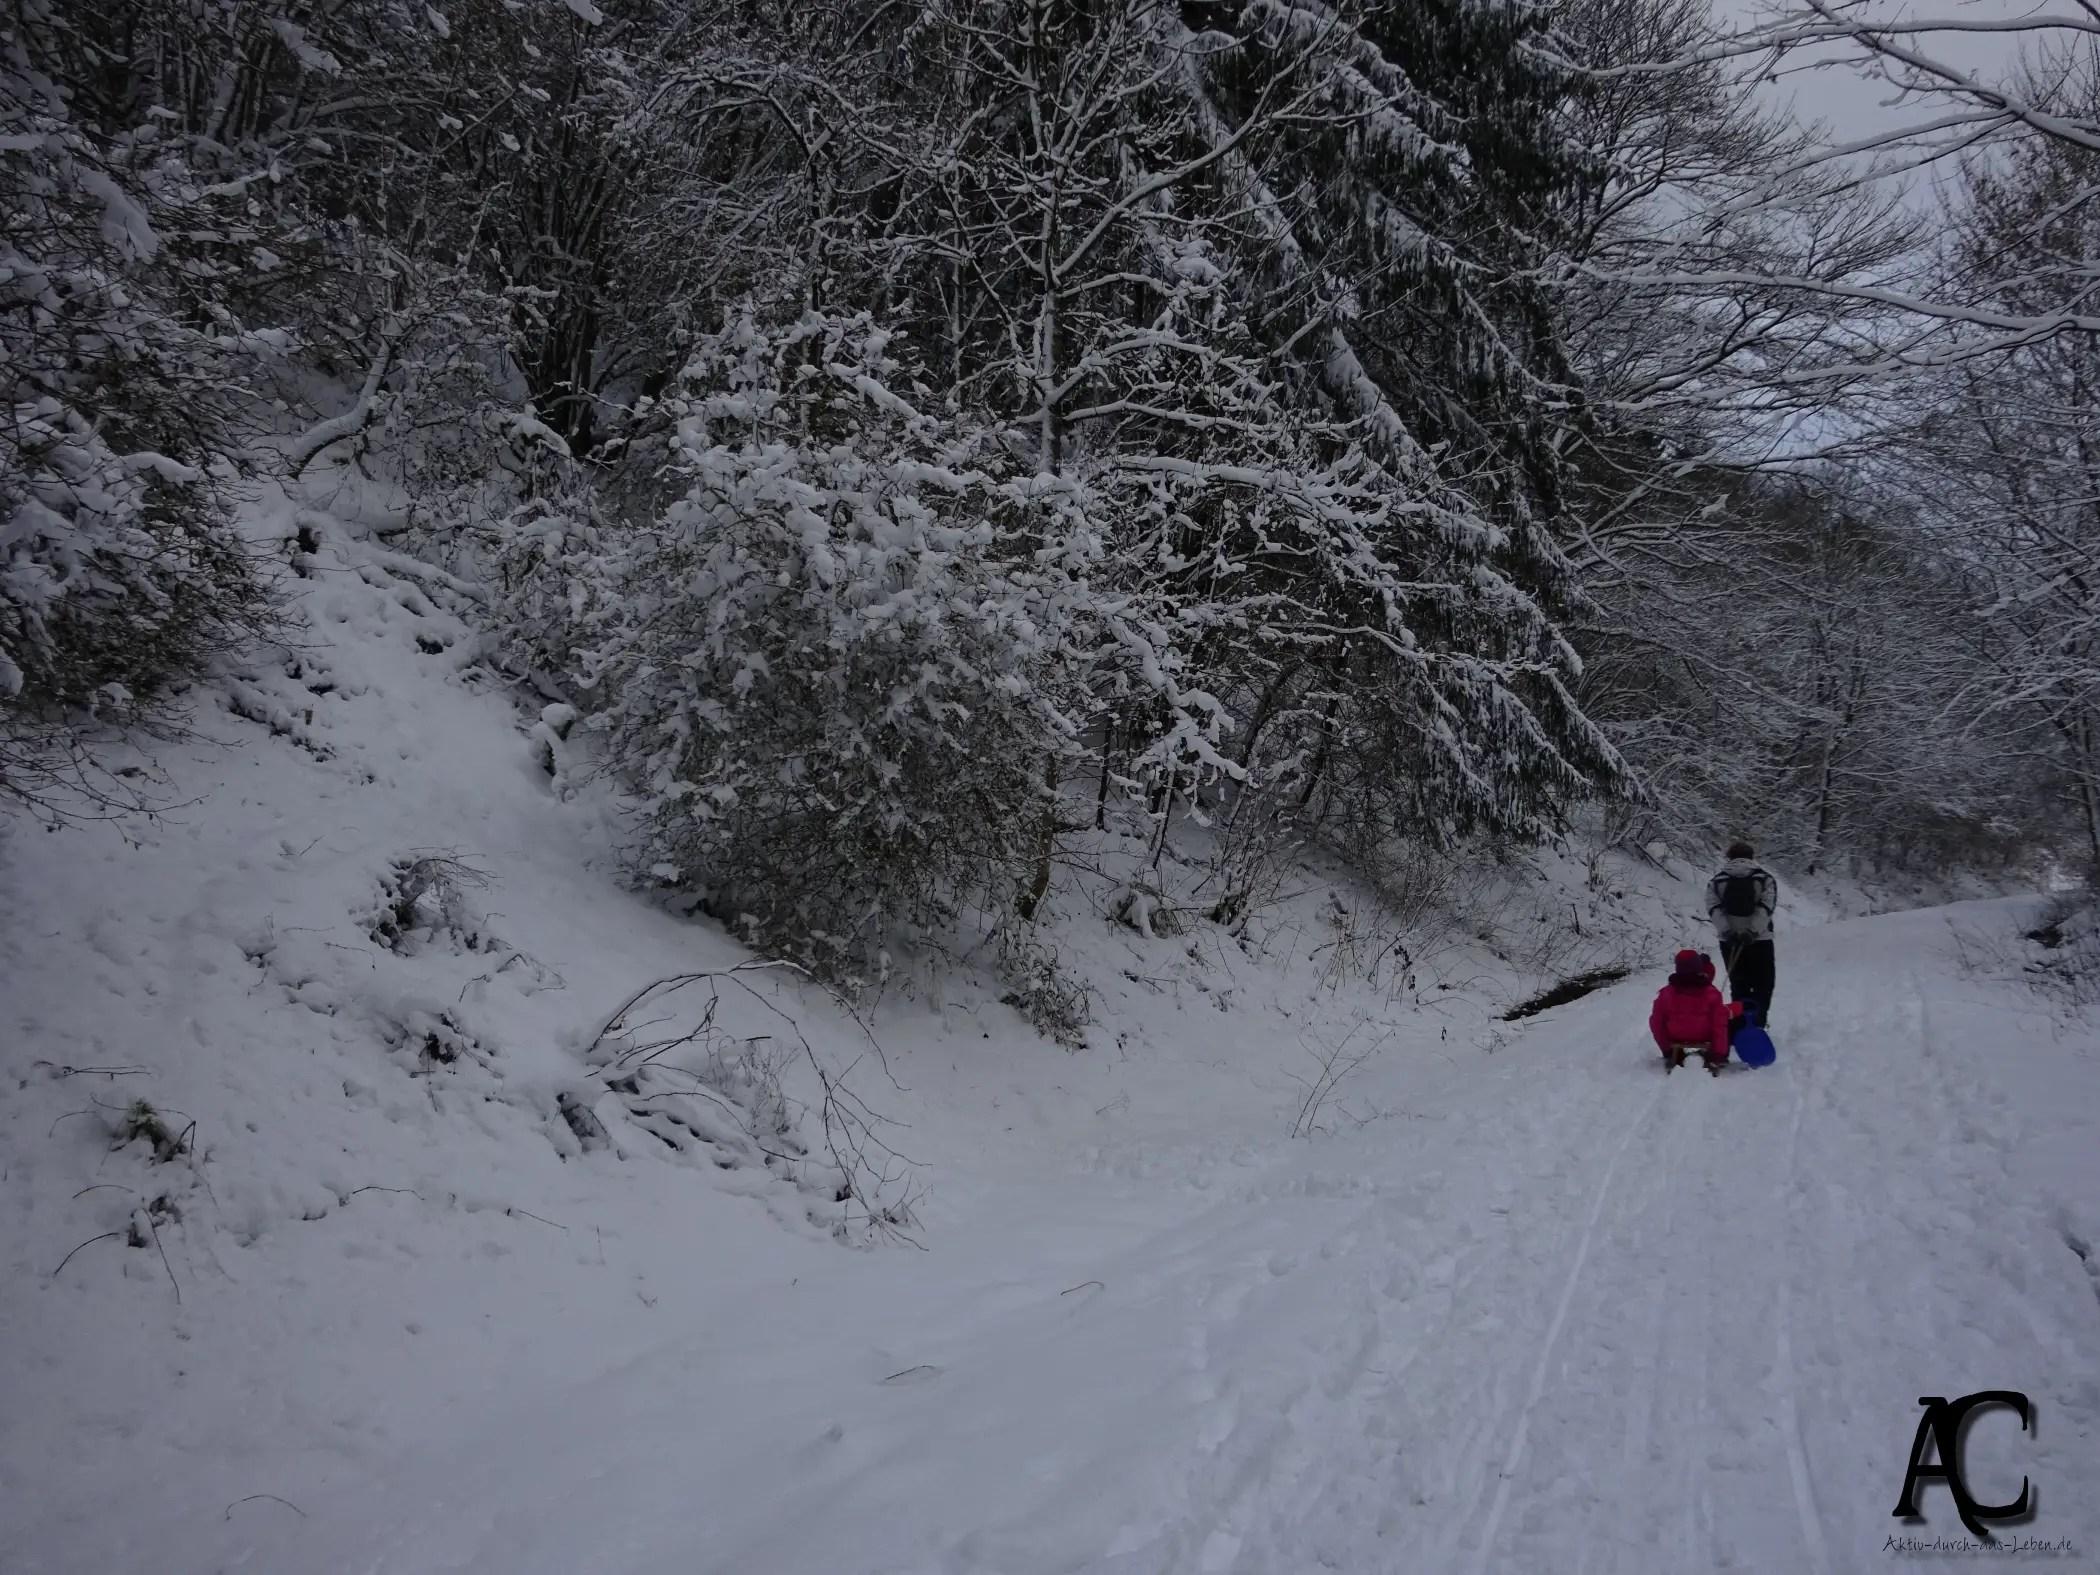 Schnee, Schnee, Schnee...